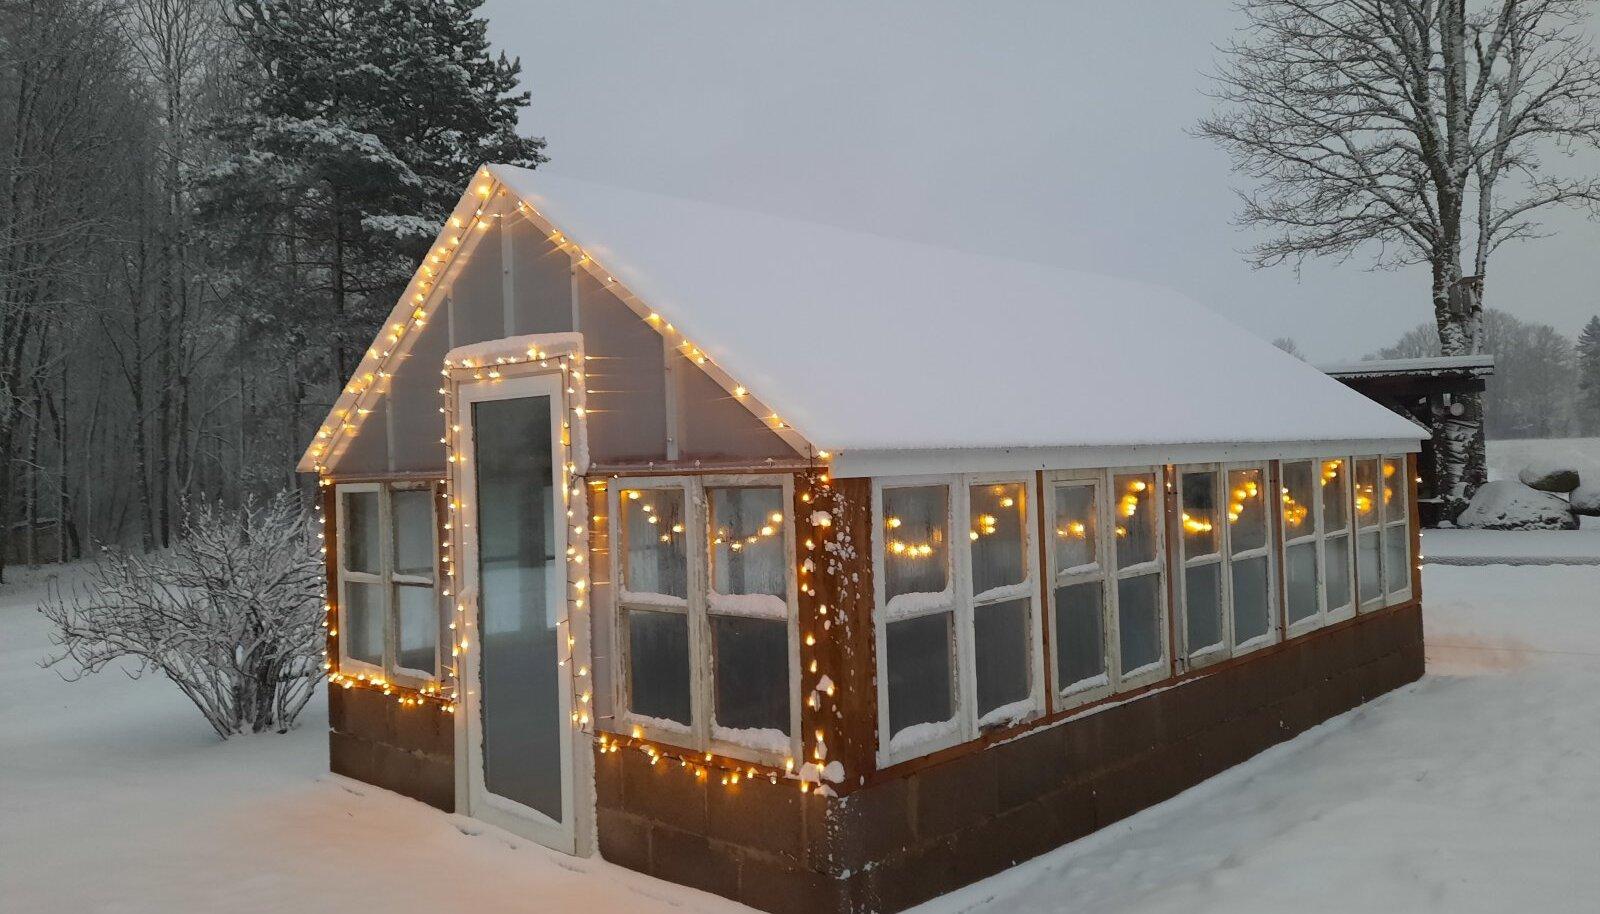 Õhuke lumekiht ei ole sellisele kasvuhoonele ohtlik, kuid paksem lumi tuleb maha ajada.